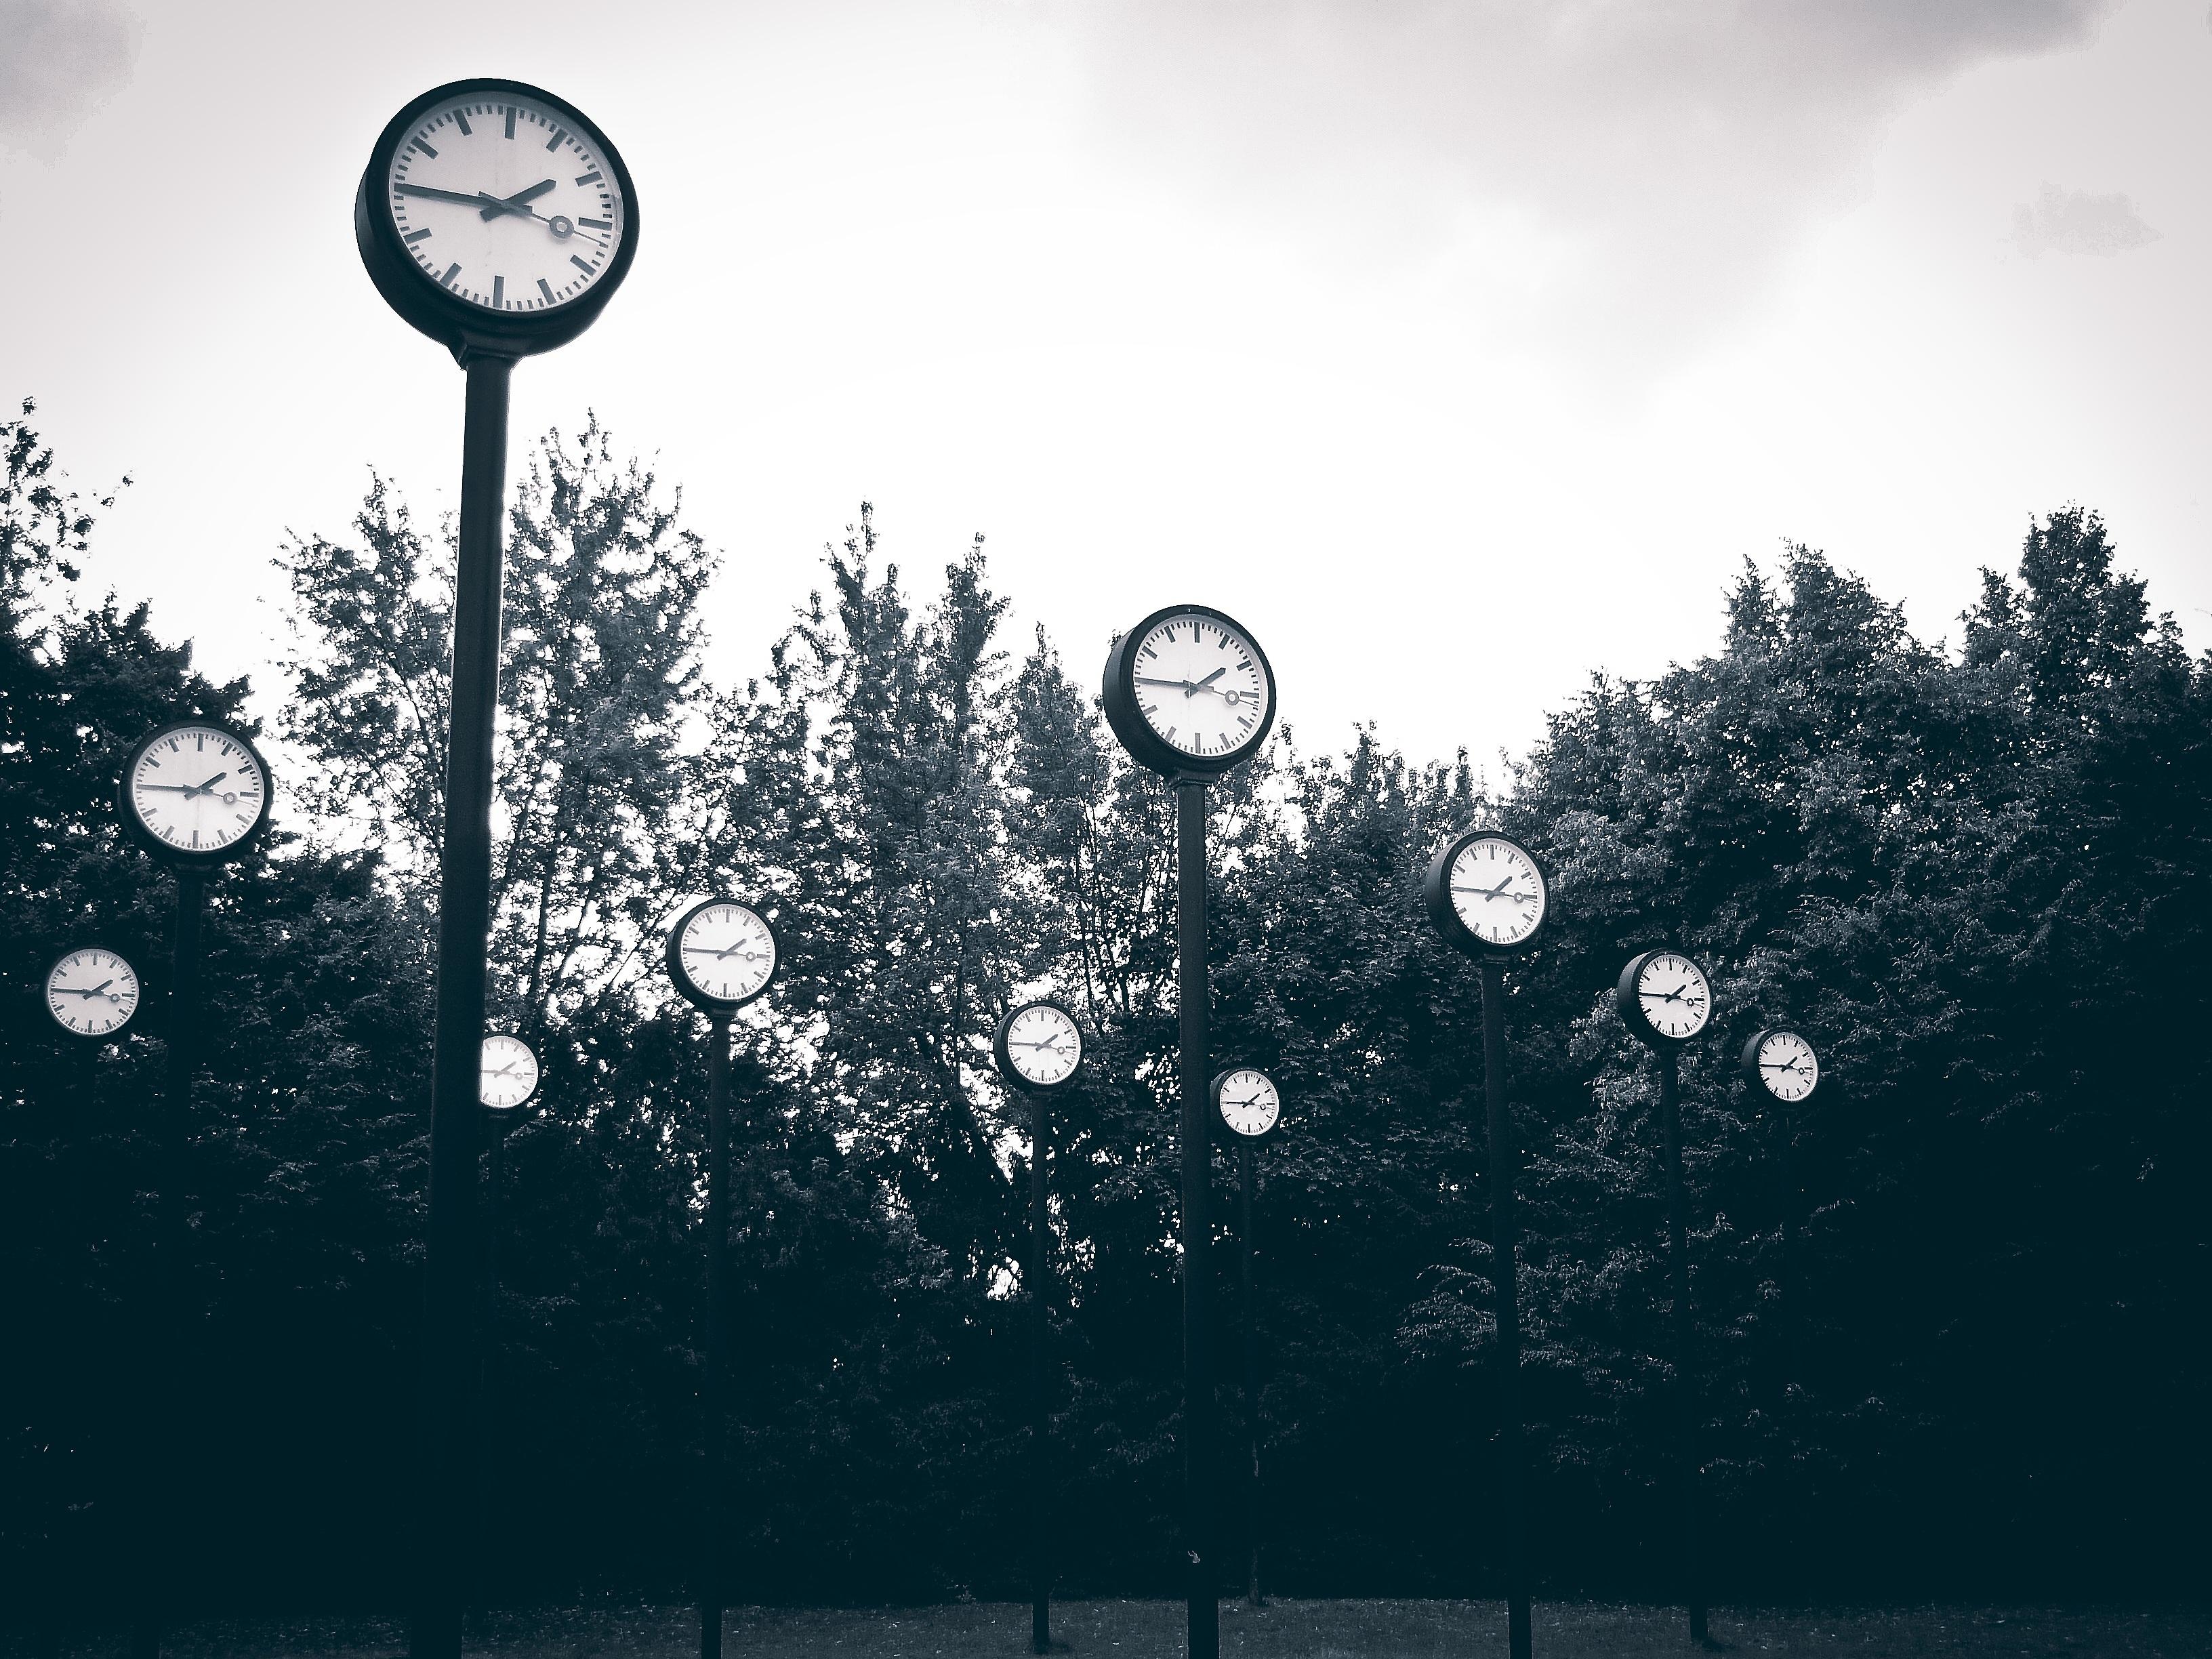 Uhren im Park Zeit